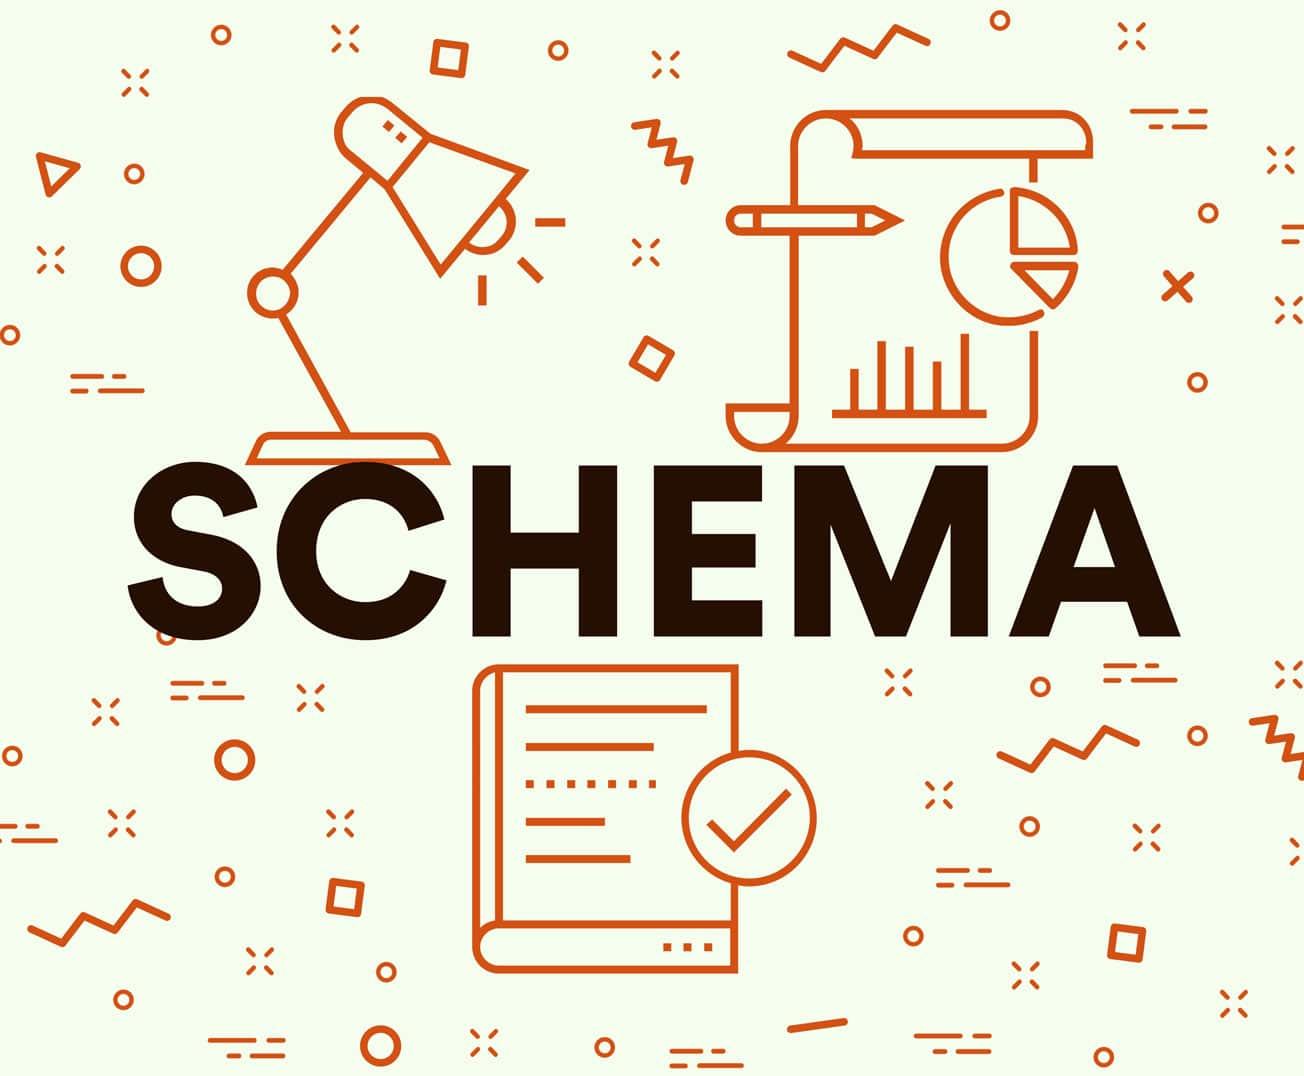 Schema Services in Ottawa